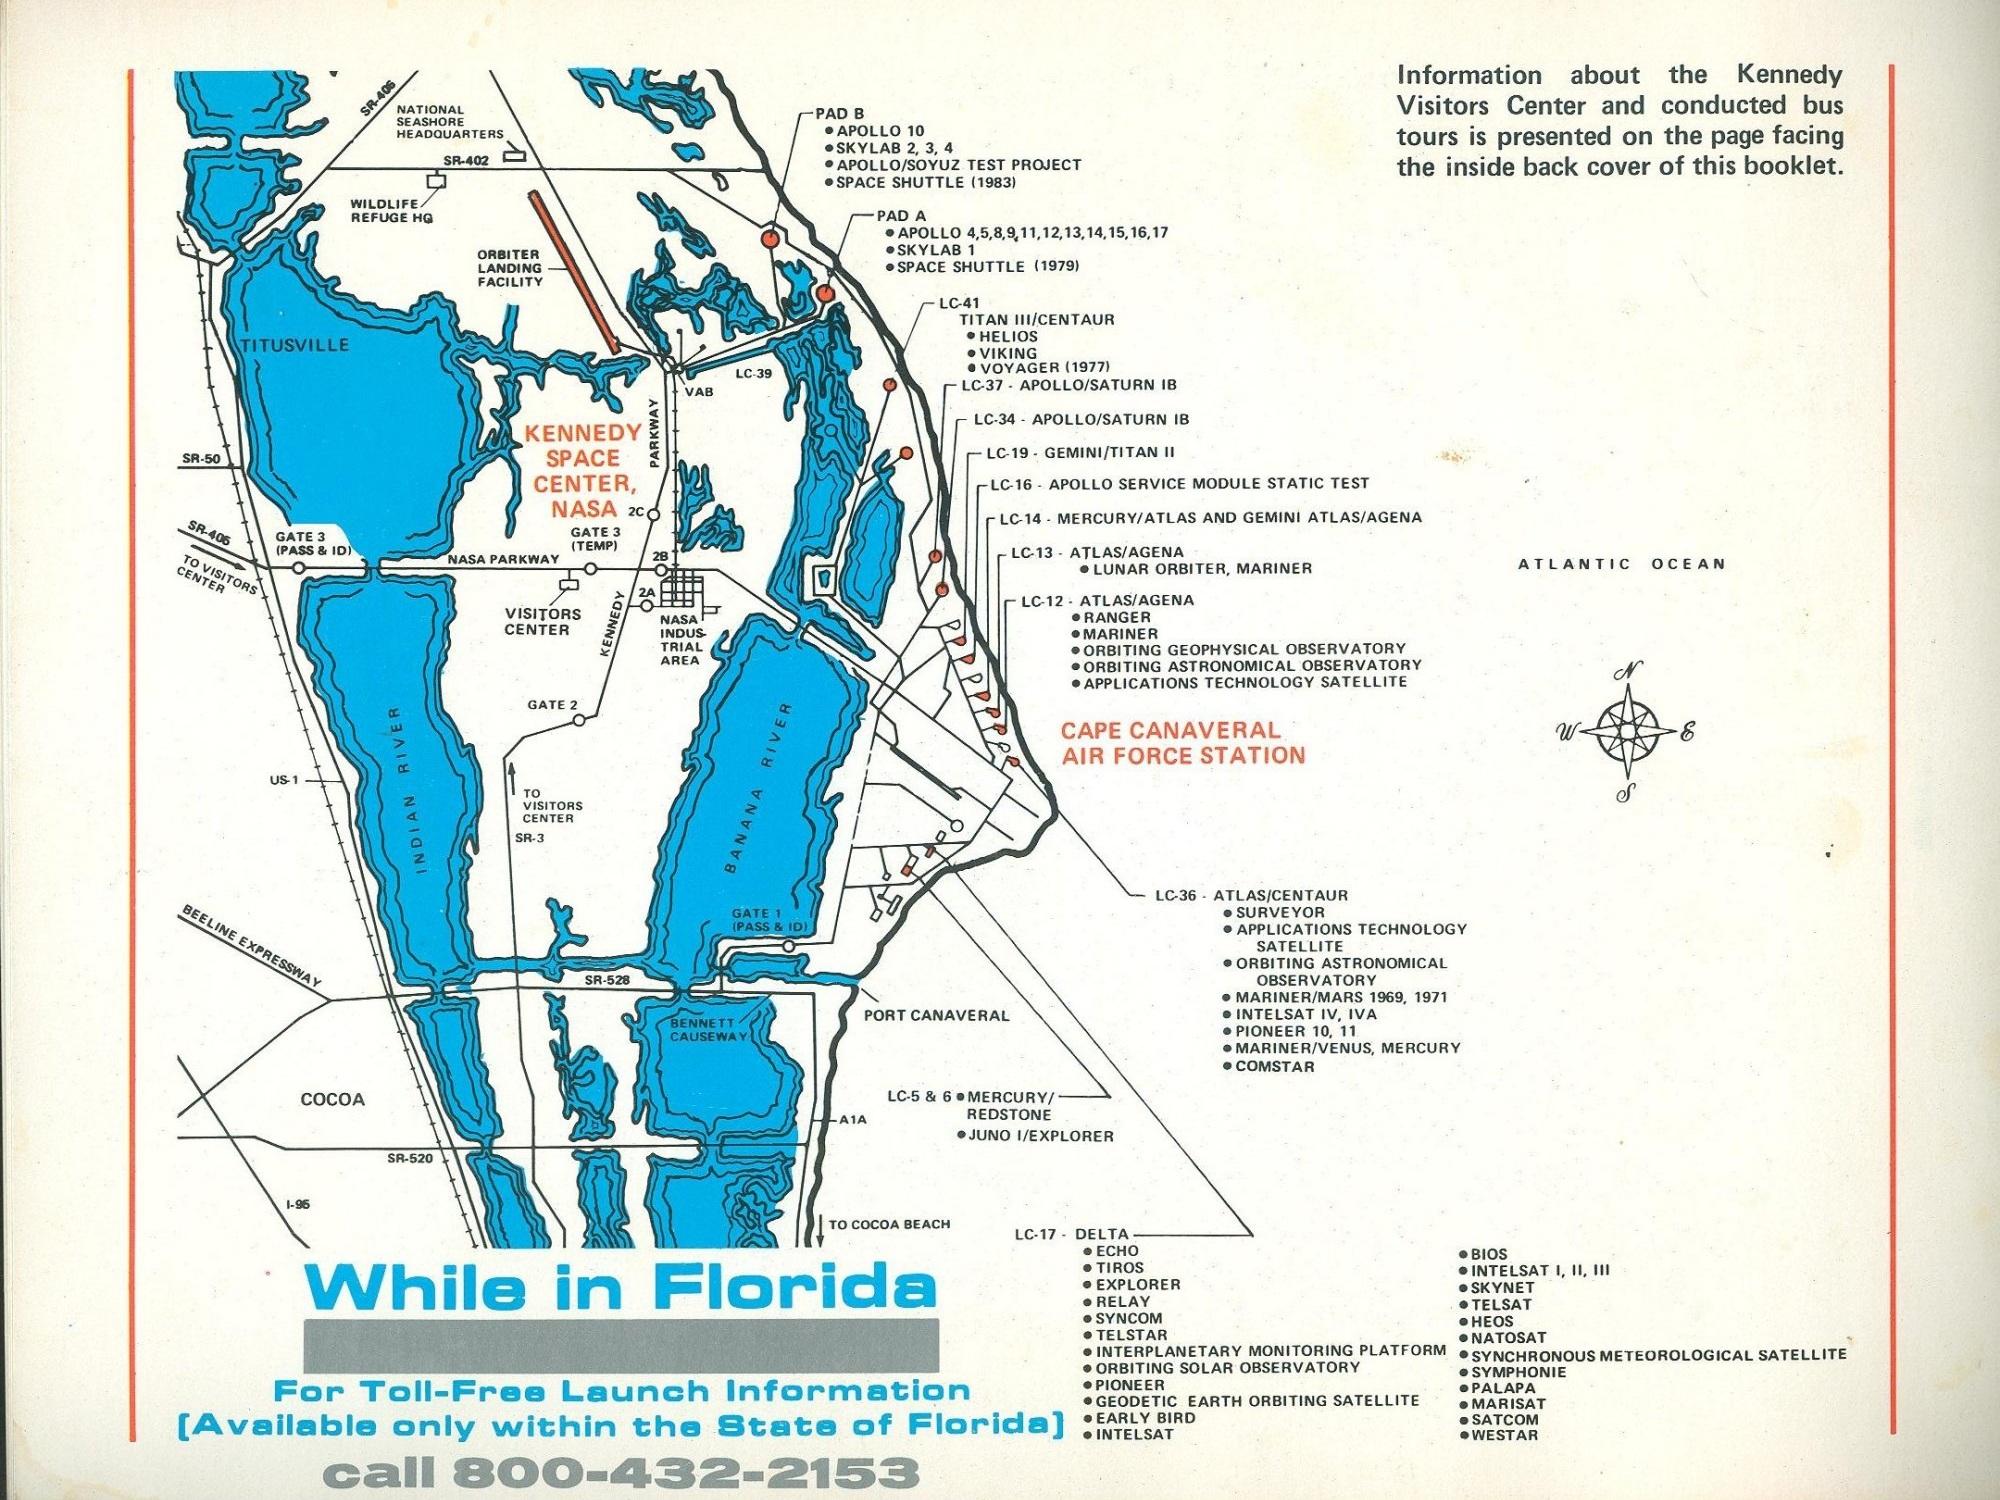 nasa kennedy center in florida map - photo #19